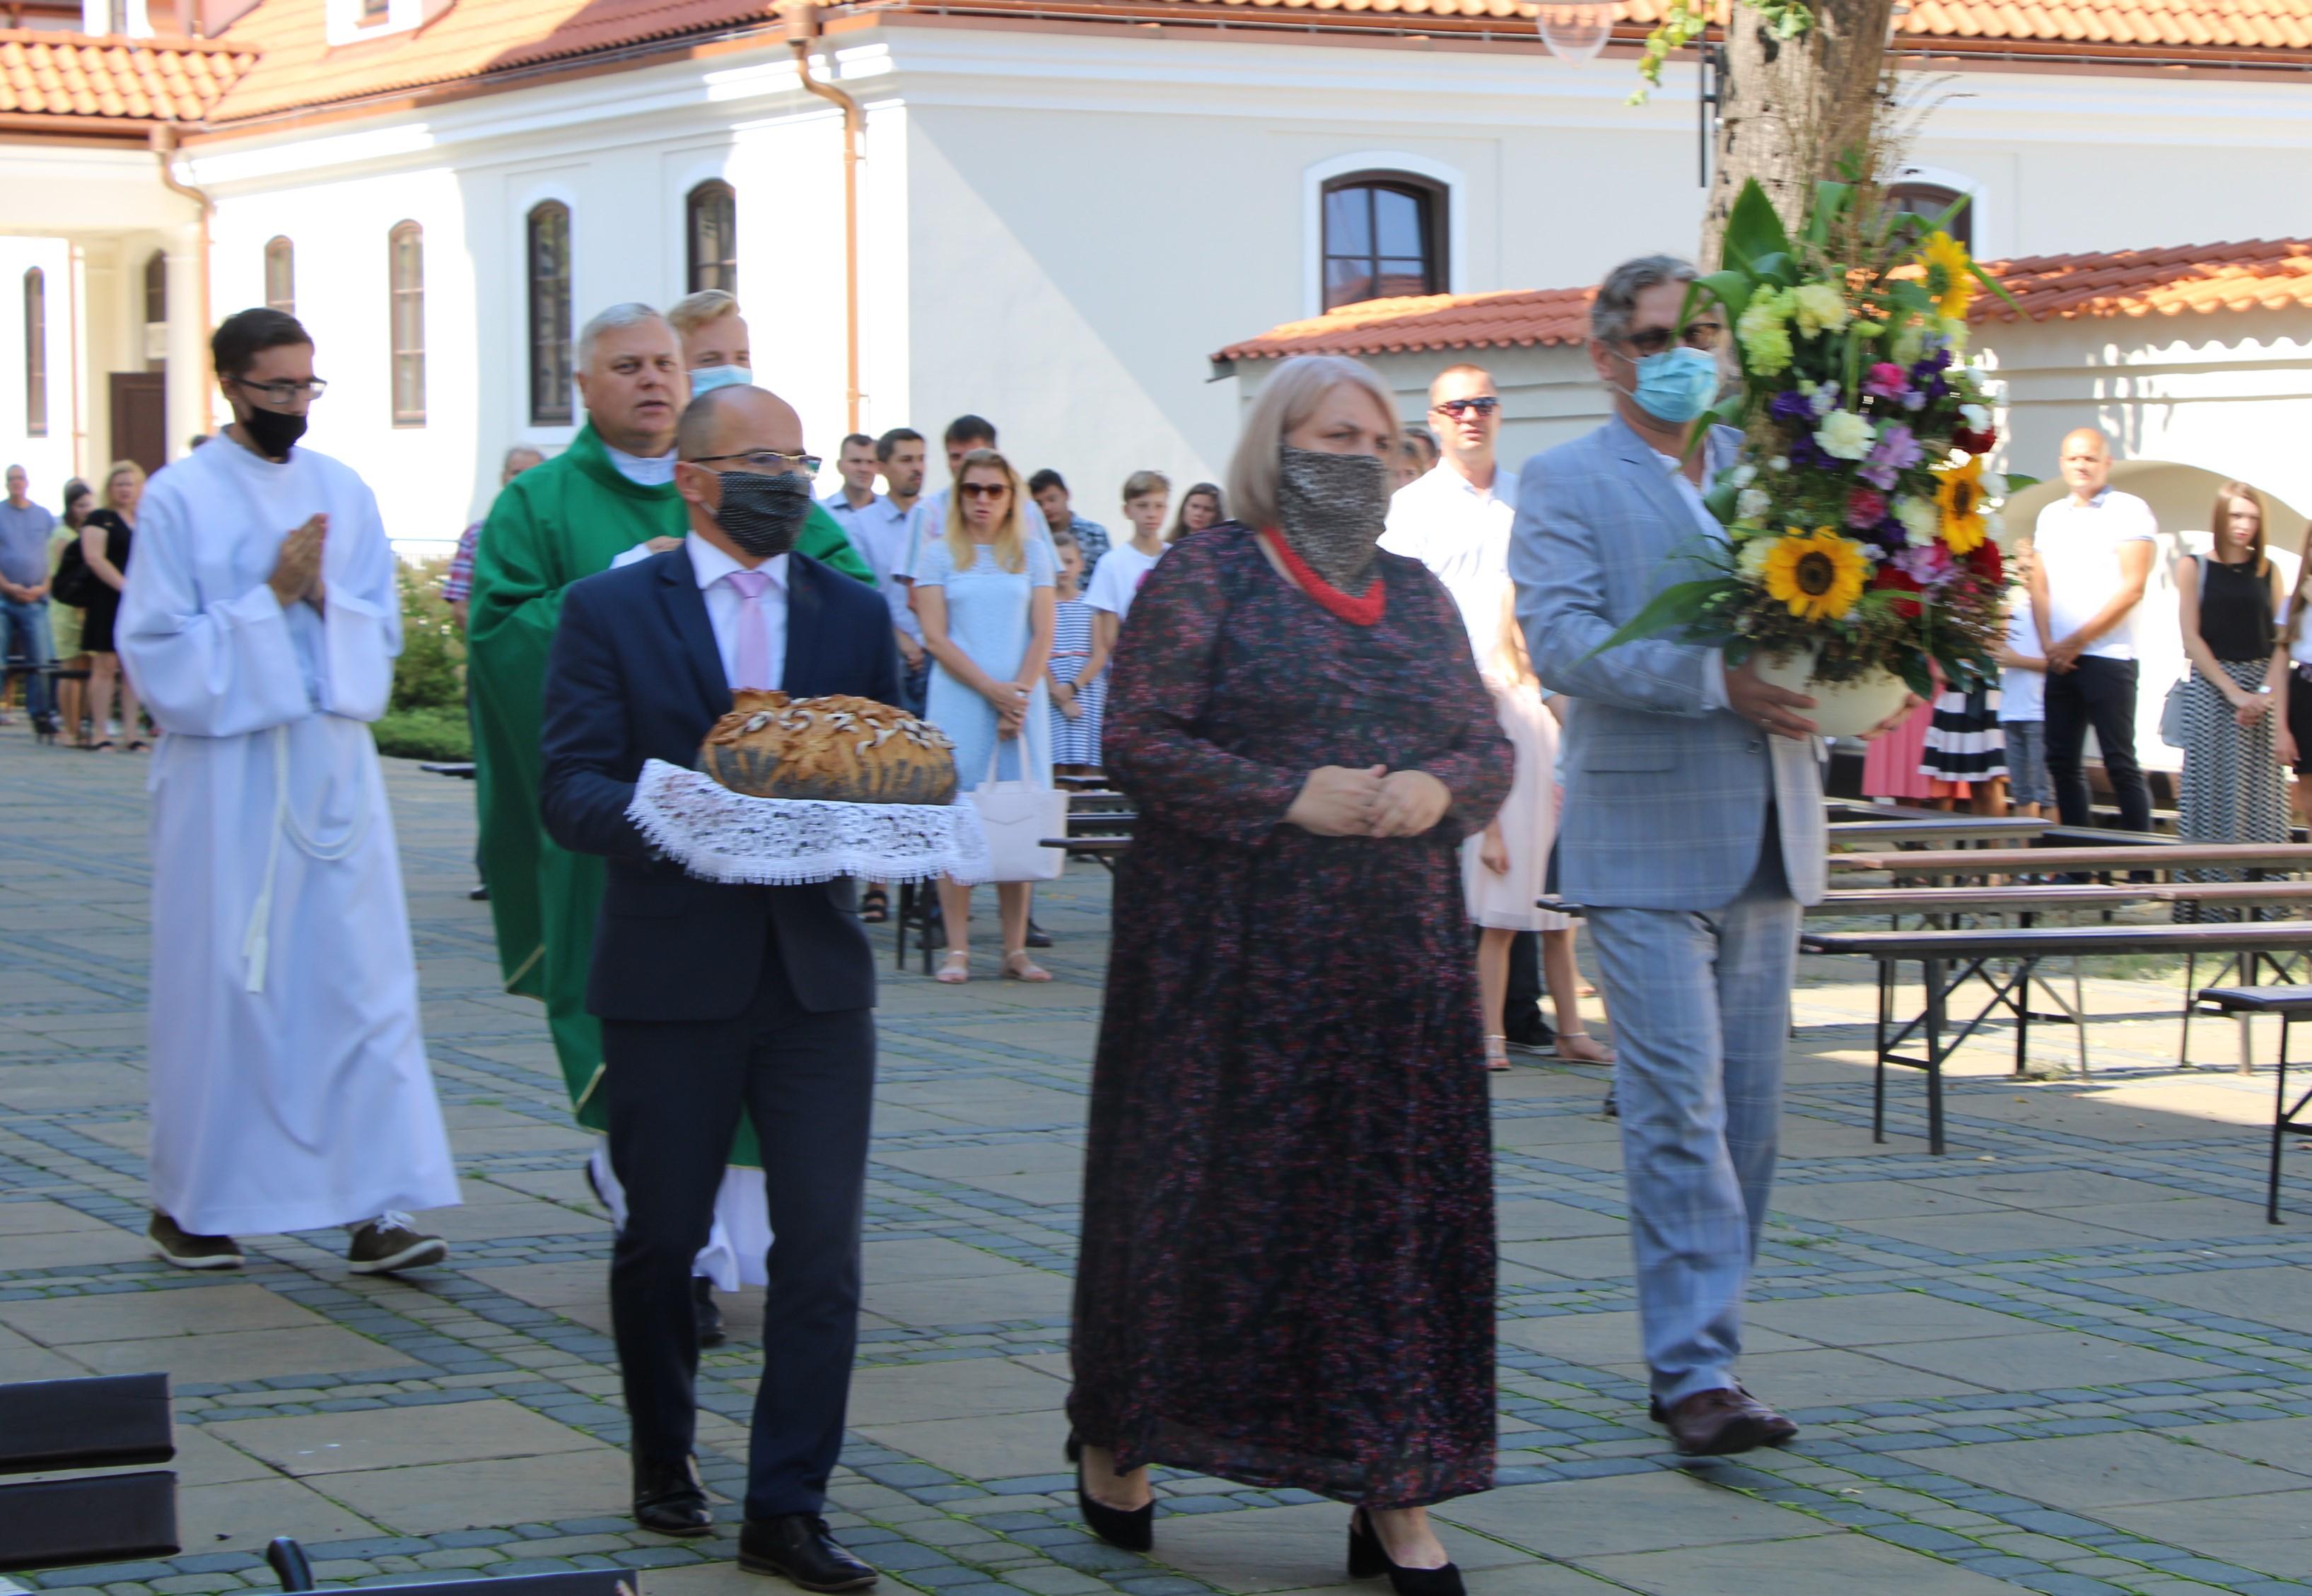 Dożynkowa msza w bazylice św. Anny w Lubartowie bez wieńców dożynkowych - Zdjęcie główne